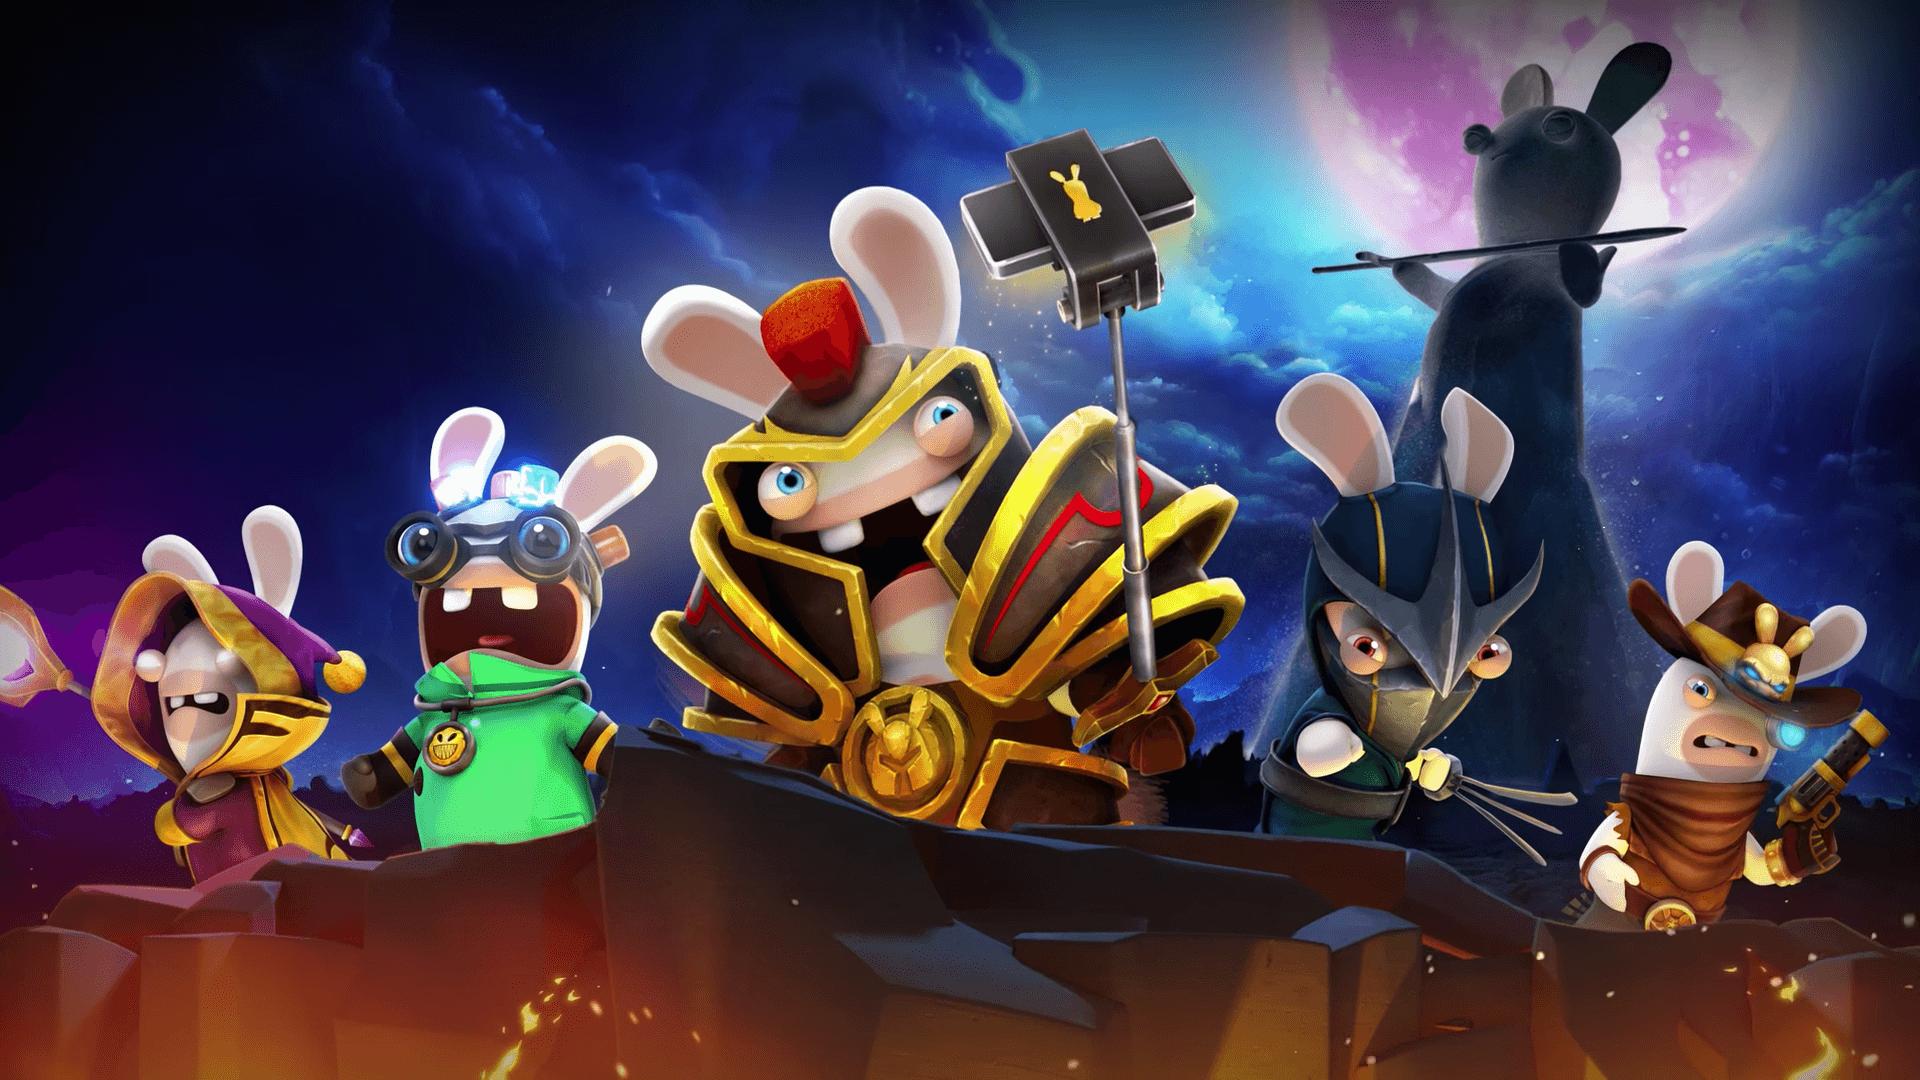 The lapins cr tins heroes ubisoft annonce son jeu de cartes la hearthstone frandroid - Jeux lapin cretain gratuit ...